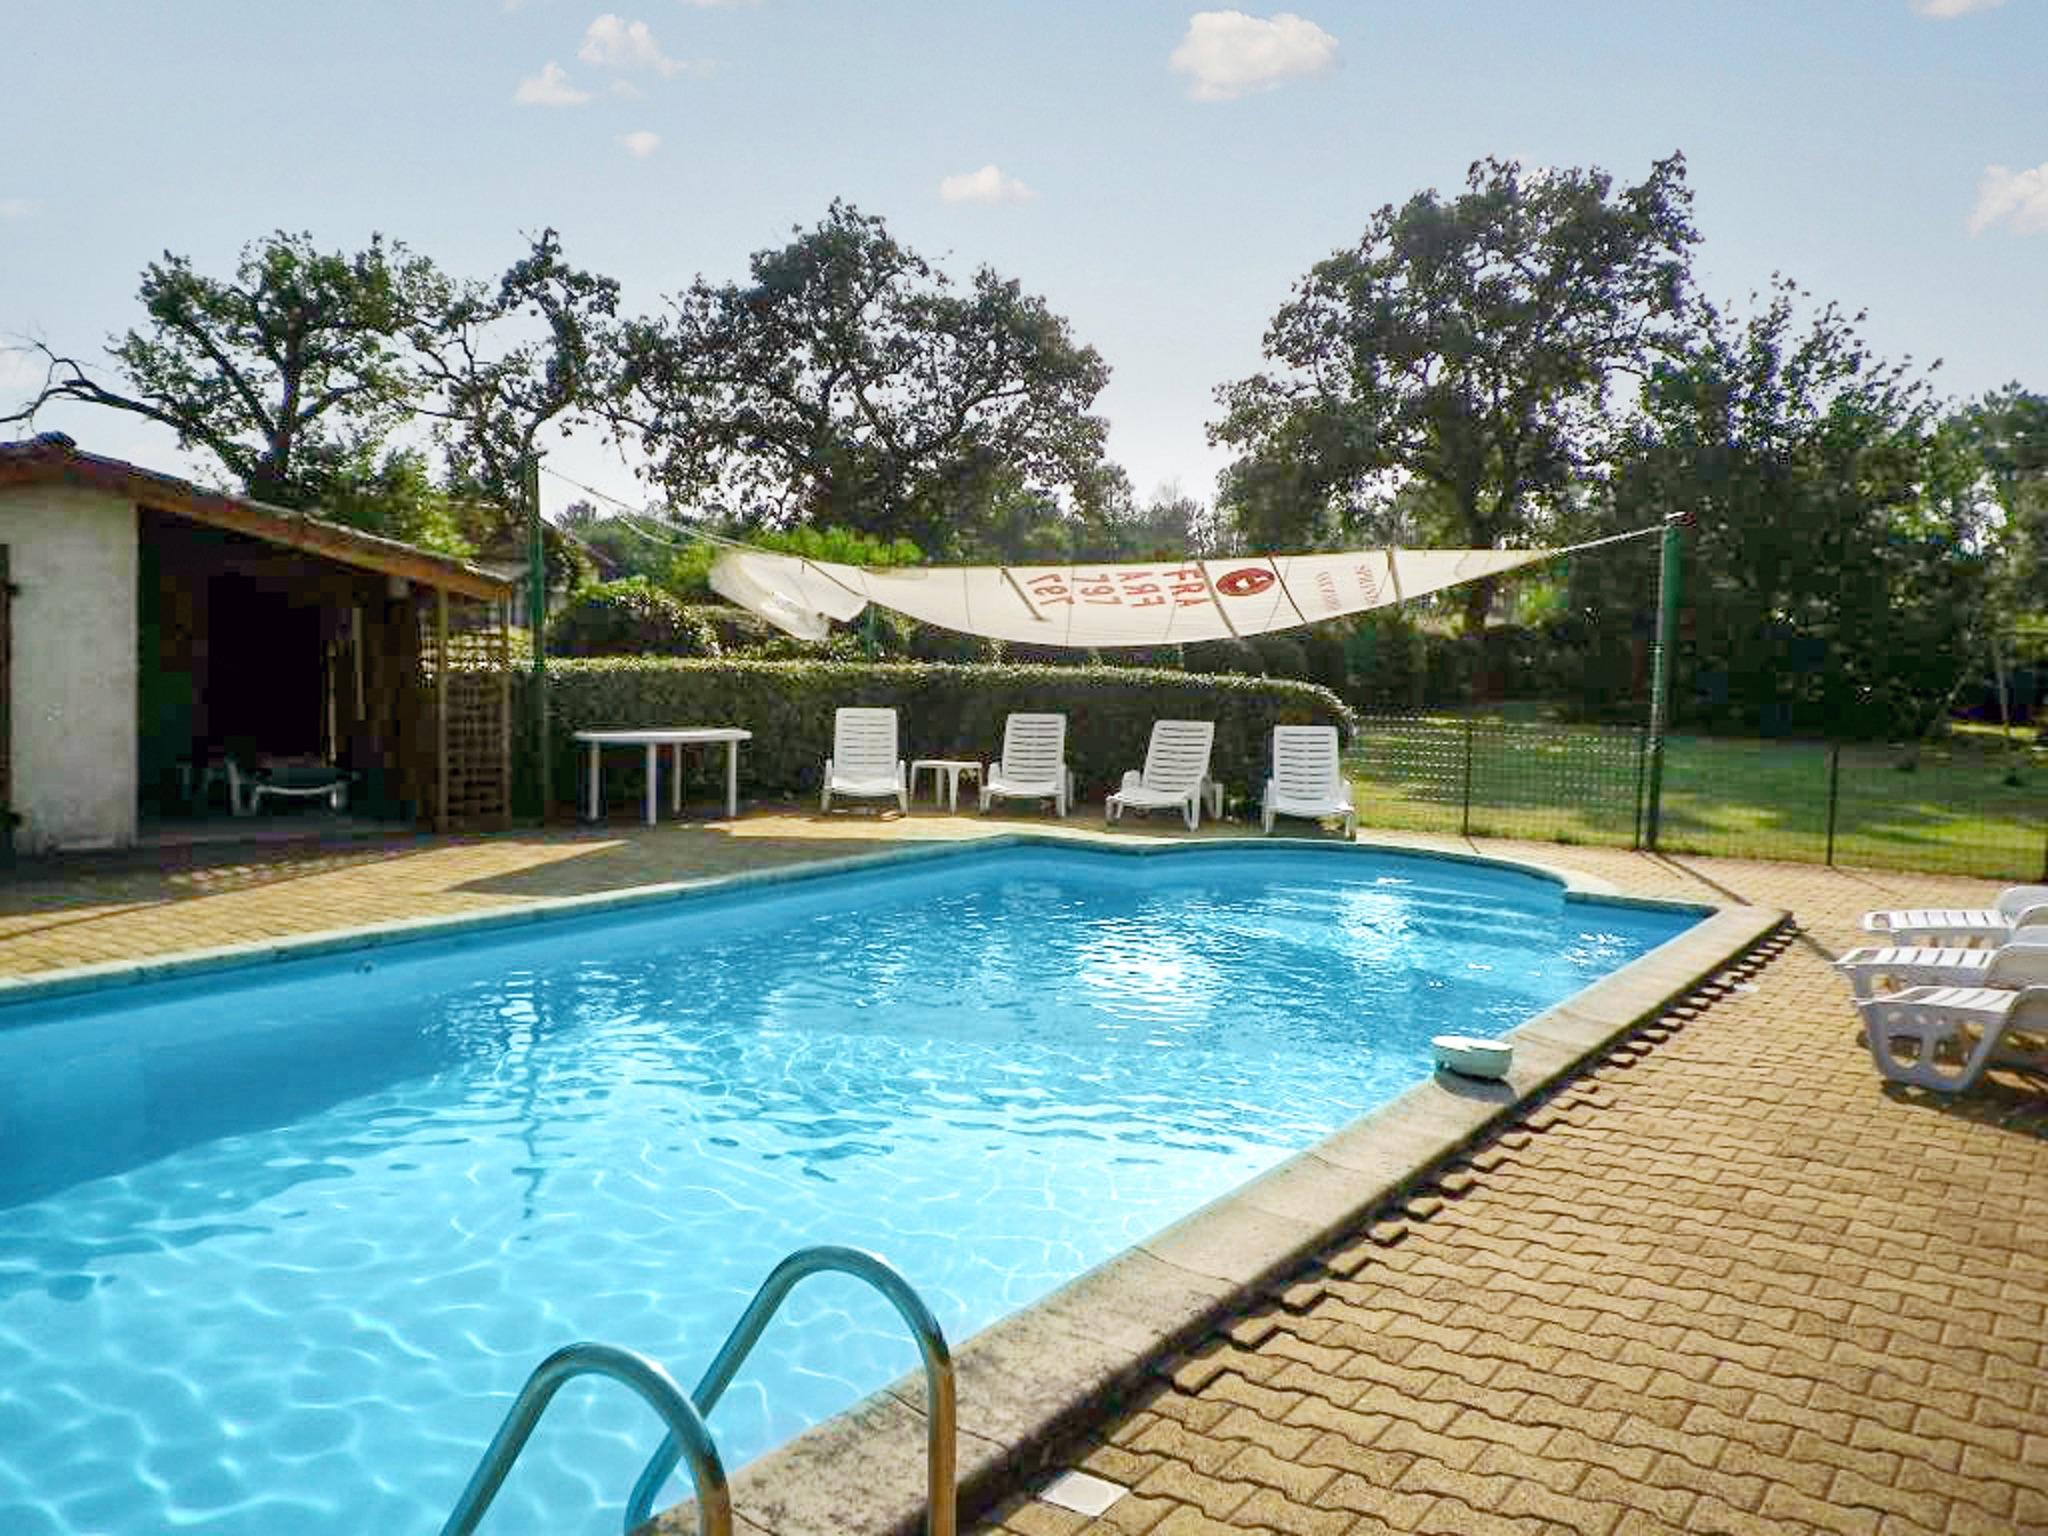 Ferienhaus Villa mit 4 Zimmern in Trensacq mit privatem Pool und möbliertem Garten - 45 km vom Strand (2202366), Trensacq, Landes, Aquitanien, Frankreich, Bild 25